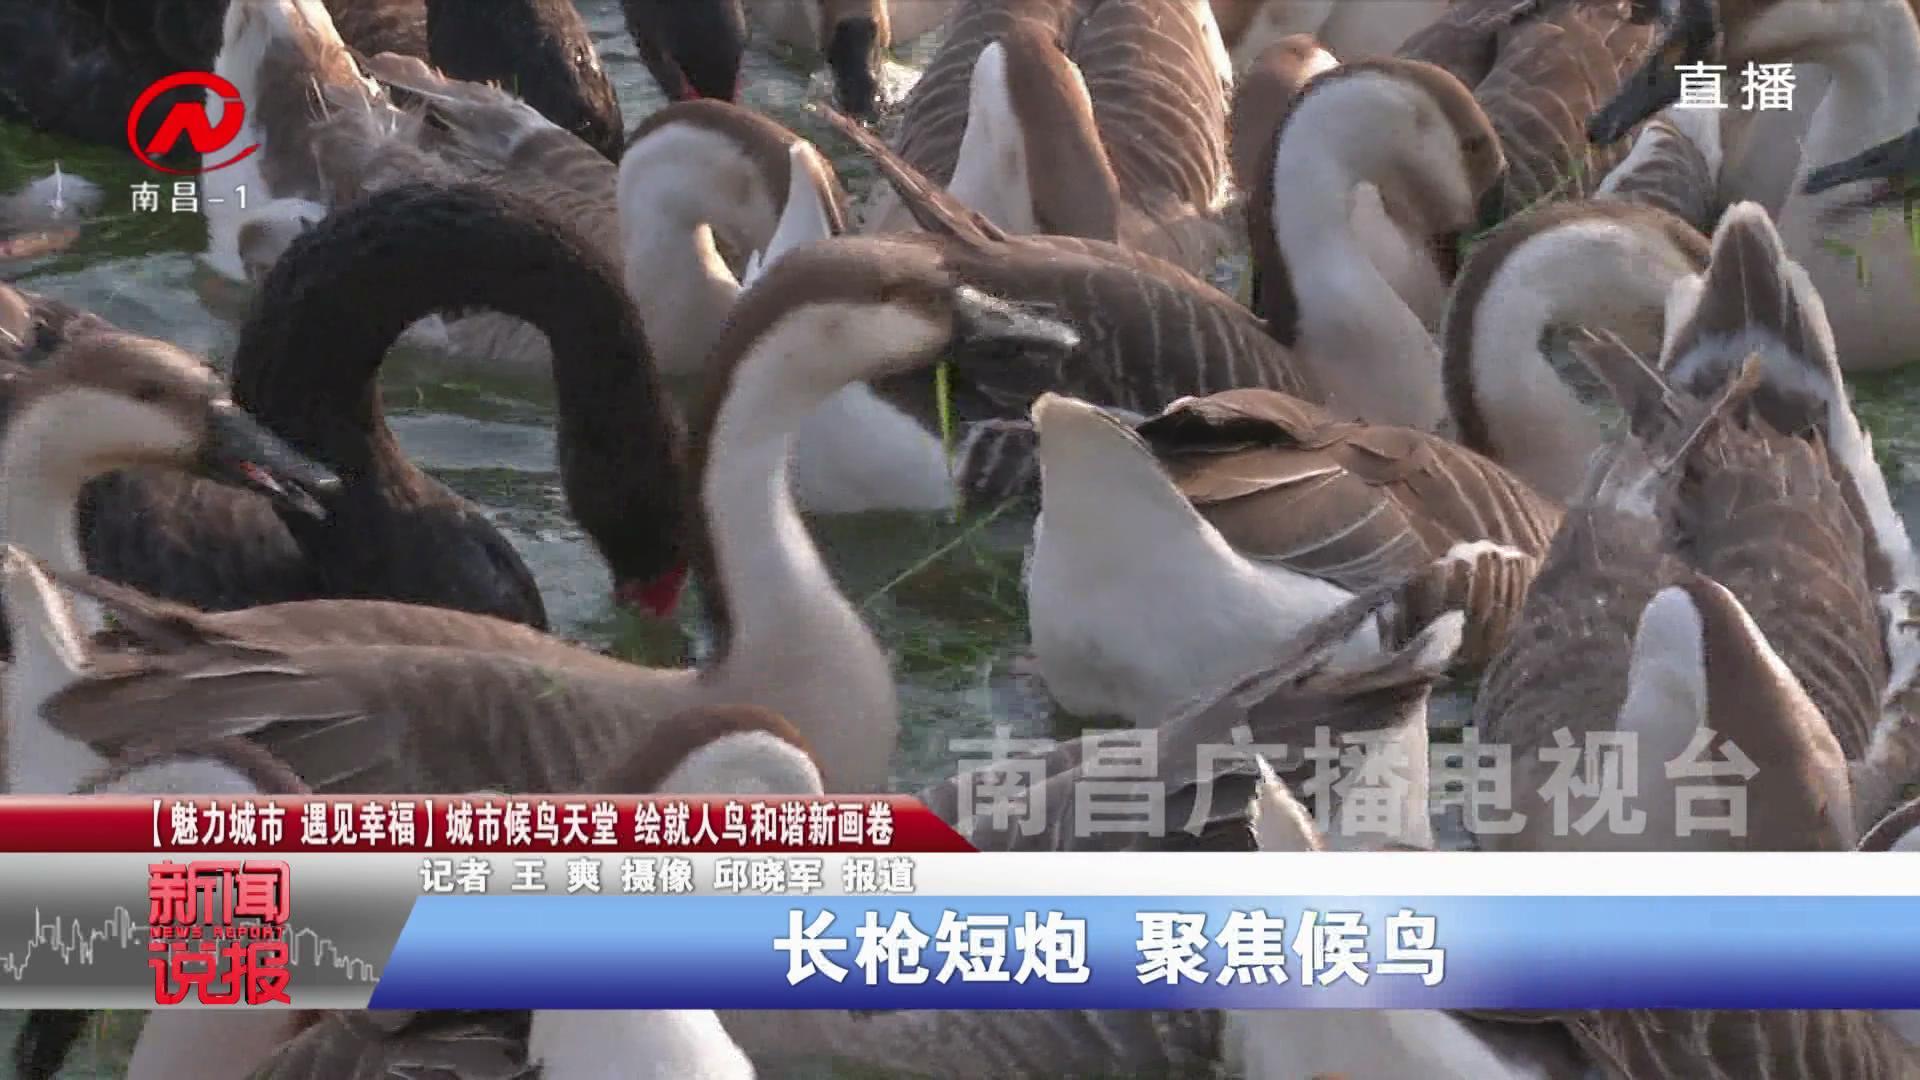 【魅力城市 遇见幸福】城市候鸟天堂 绘就人鸟和谐新画卷